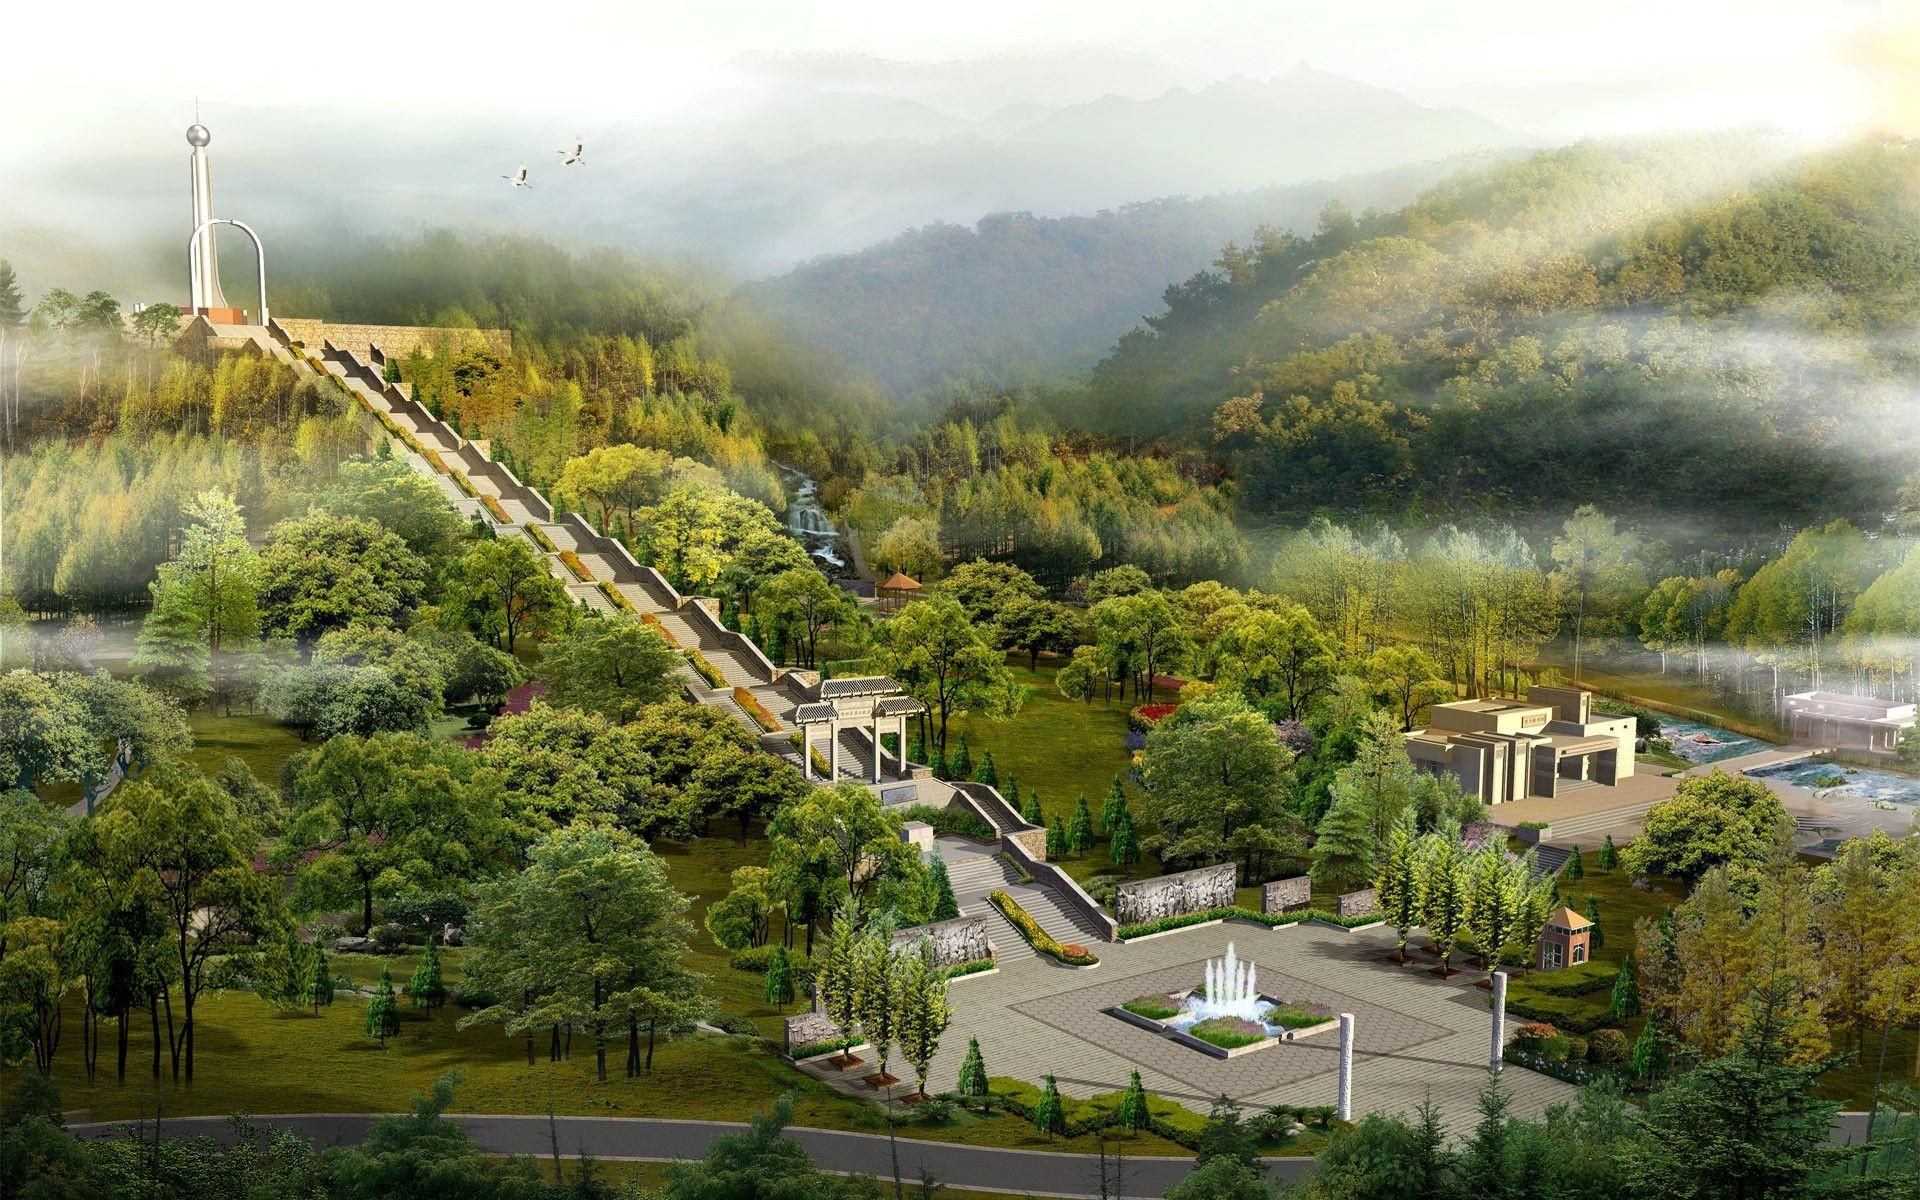 Res: 1920x1200, Landscapes | beautiful nature landscapes wallpapers hd widescreen desktop  wallpaper .